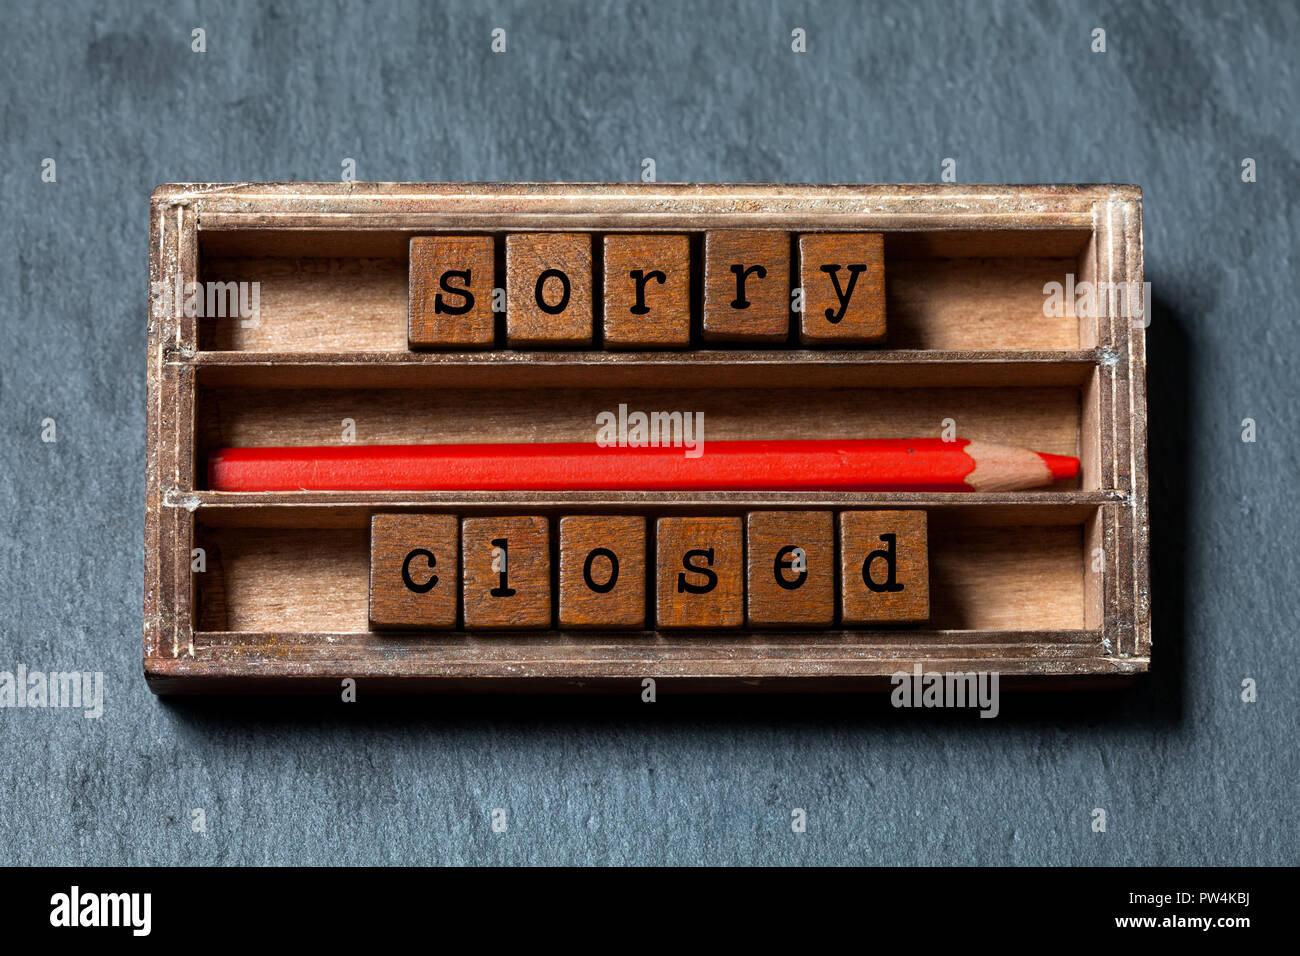 Désolés nous sommes fermés concept. Boîte en bois vintage, cubes de phrase par l'ancien style de lettres, crayon rouge. Fond texturé en pierre grise Photo Stock